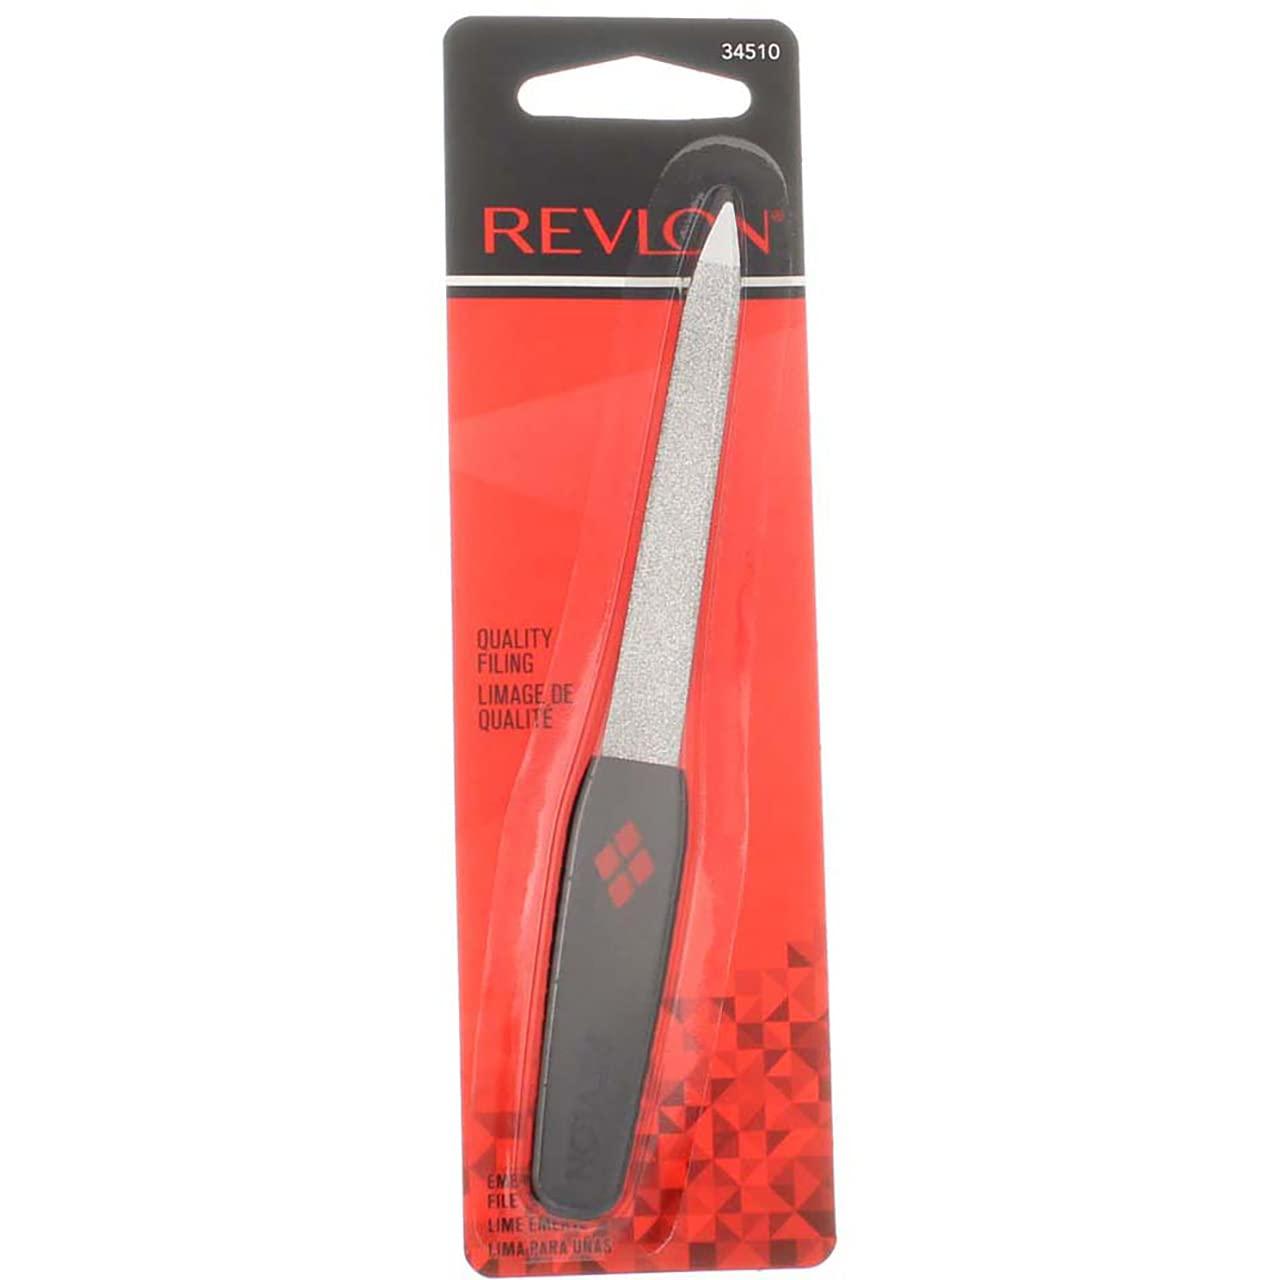 Revlon Weekly update Emeryl File Credence 1 2 Pack Each of